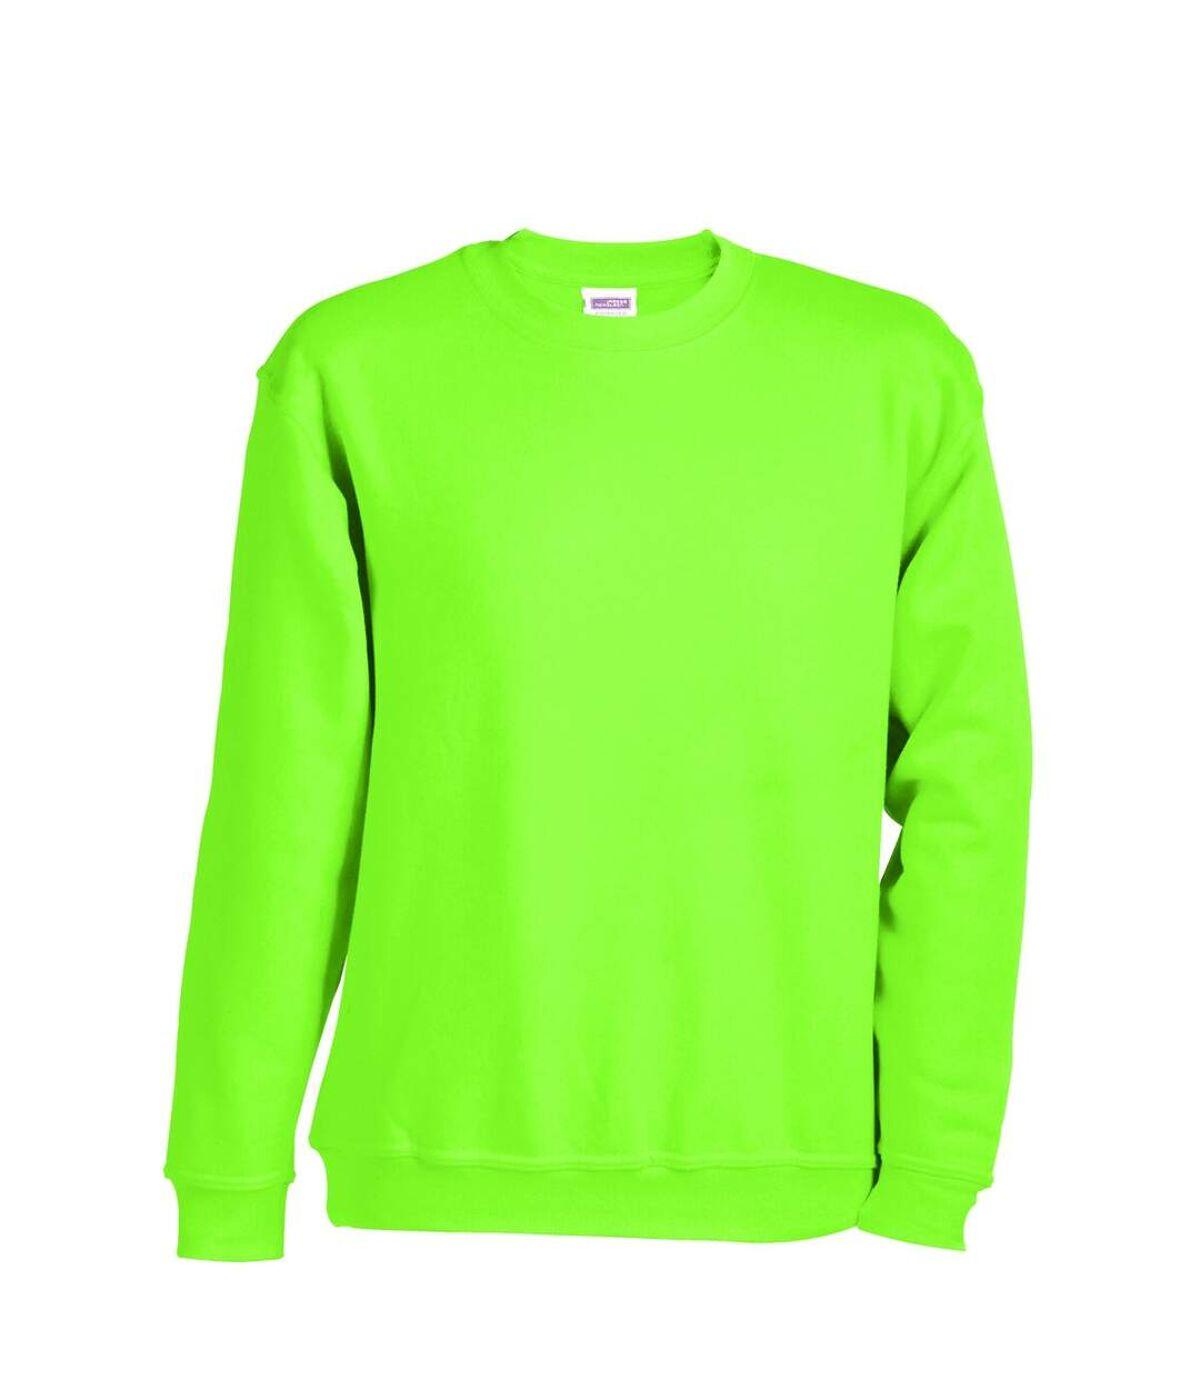 Sweat-shirt col rond - JN040 - vert citron - mixte homme femme